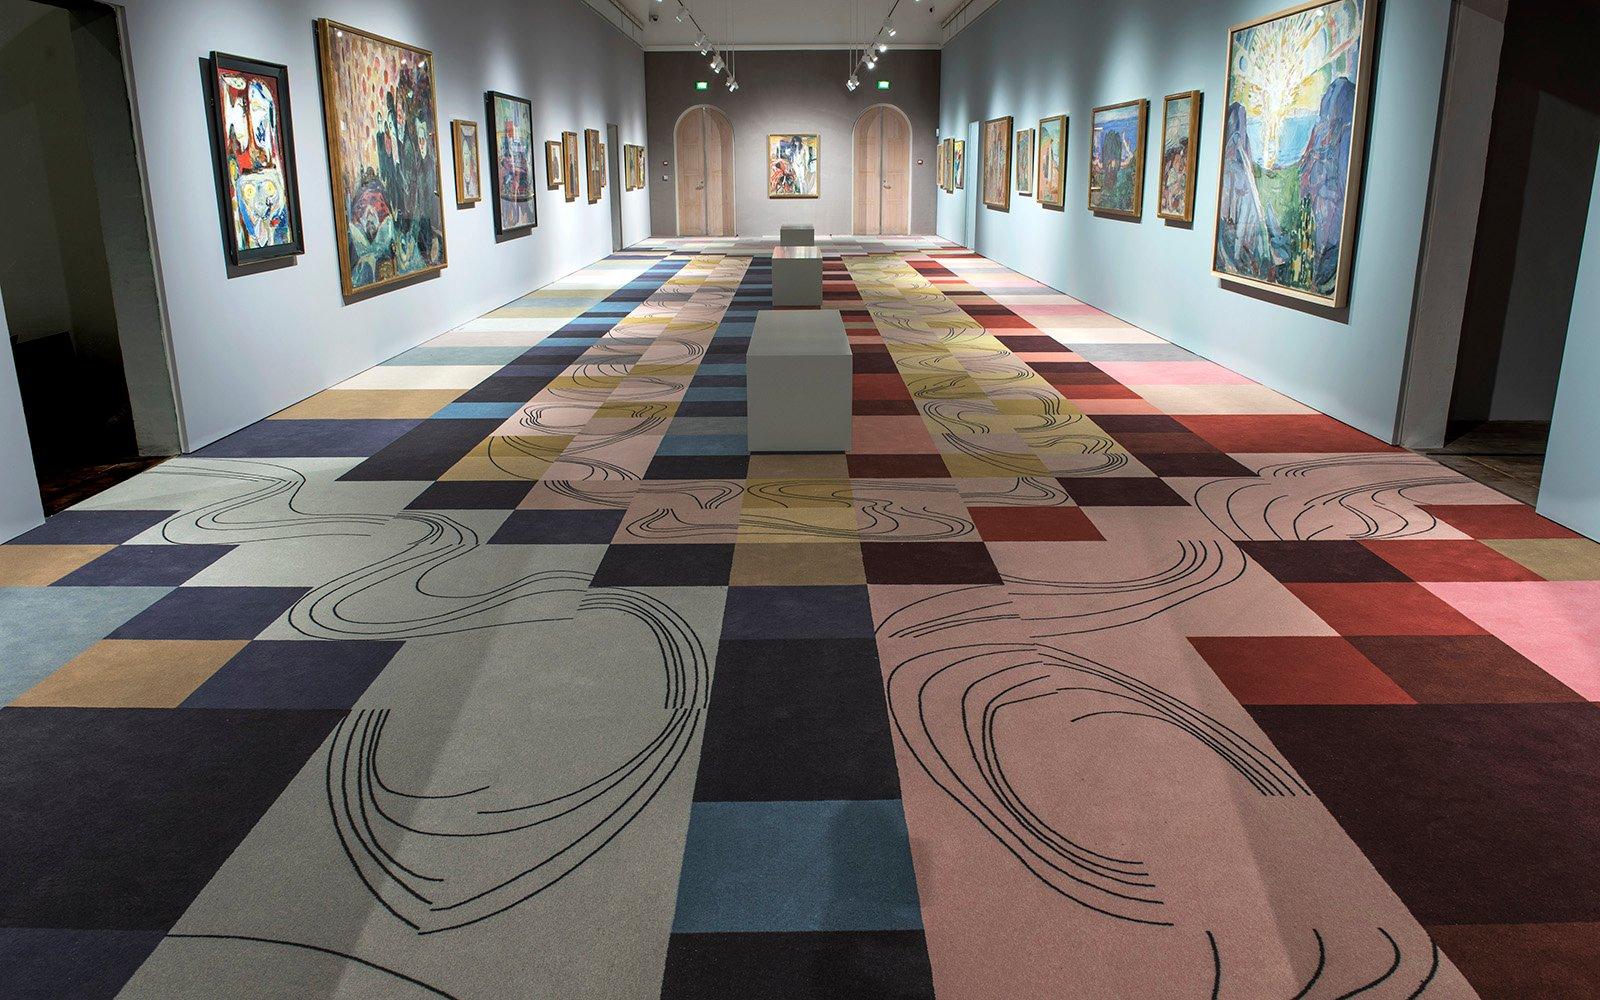 Teppichfliesen oder Teppichboden: Raum im Dänisches Kunstmuseum Jorn in Silkeborg mit Kunstwerken an den Wänden und schachbrett-ähnlich angeordneten Teppichfliesen